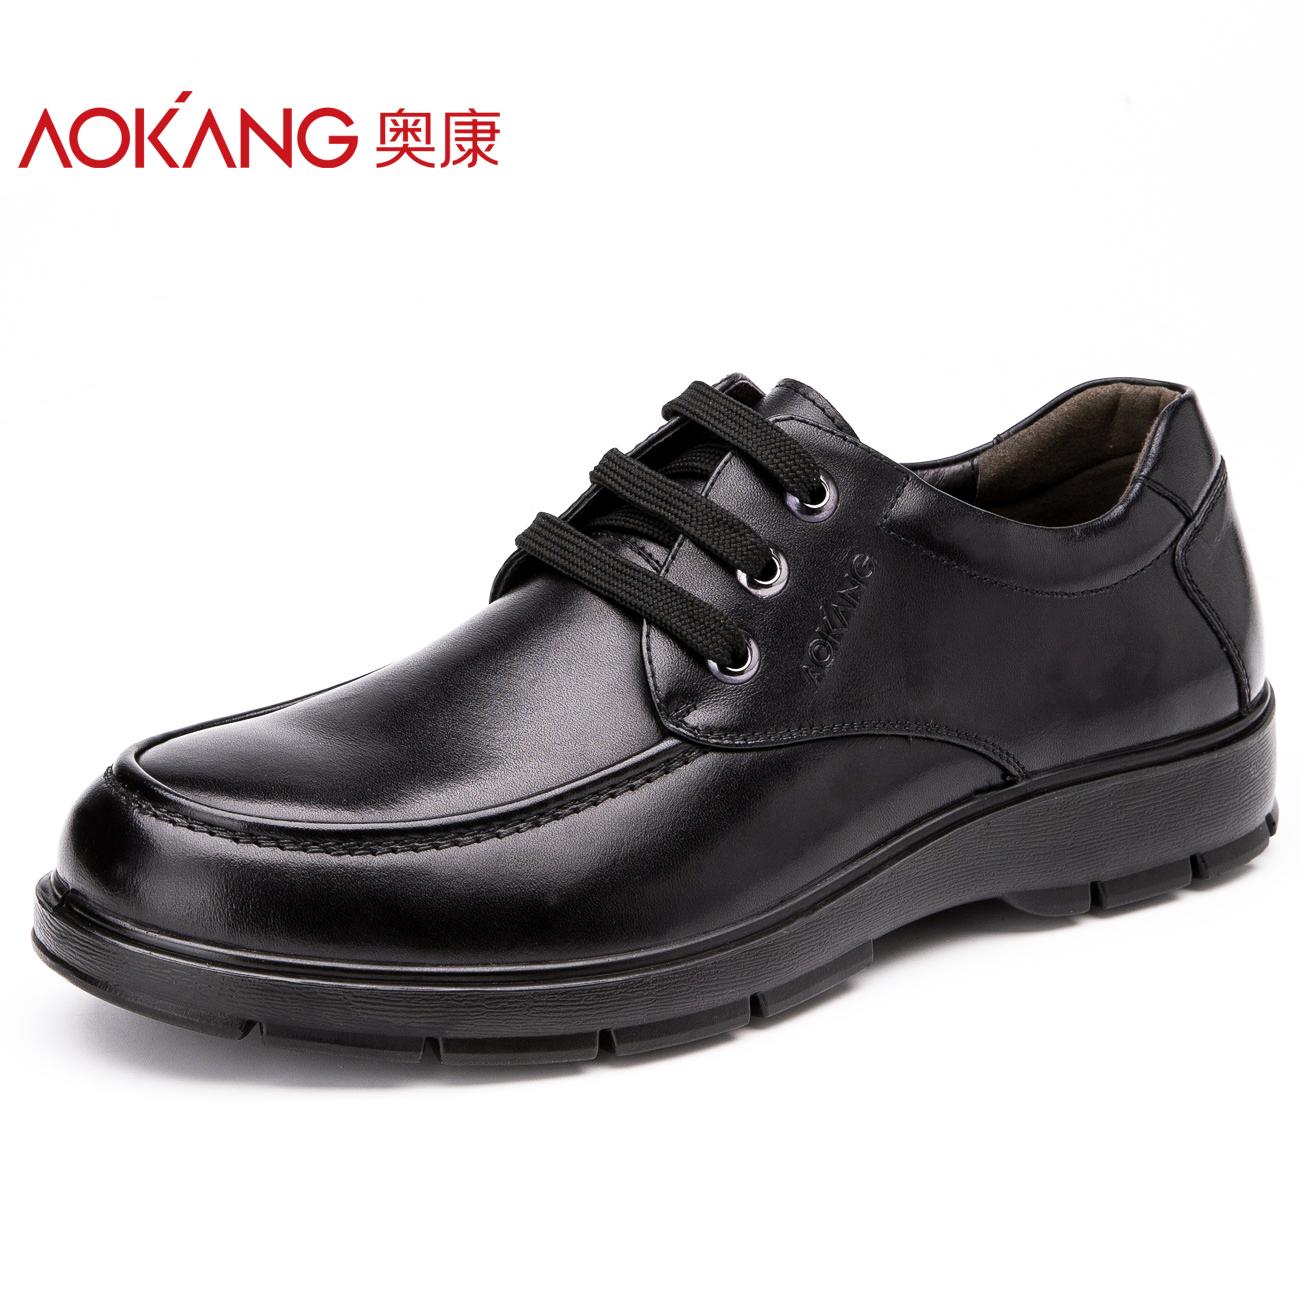 奥康男鞋秋季新款耐磨真皮英伦低帮鞋商务休闲皮鞋子圆头系带鞋子